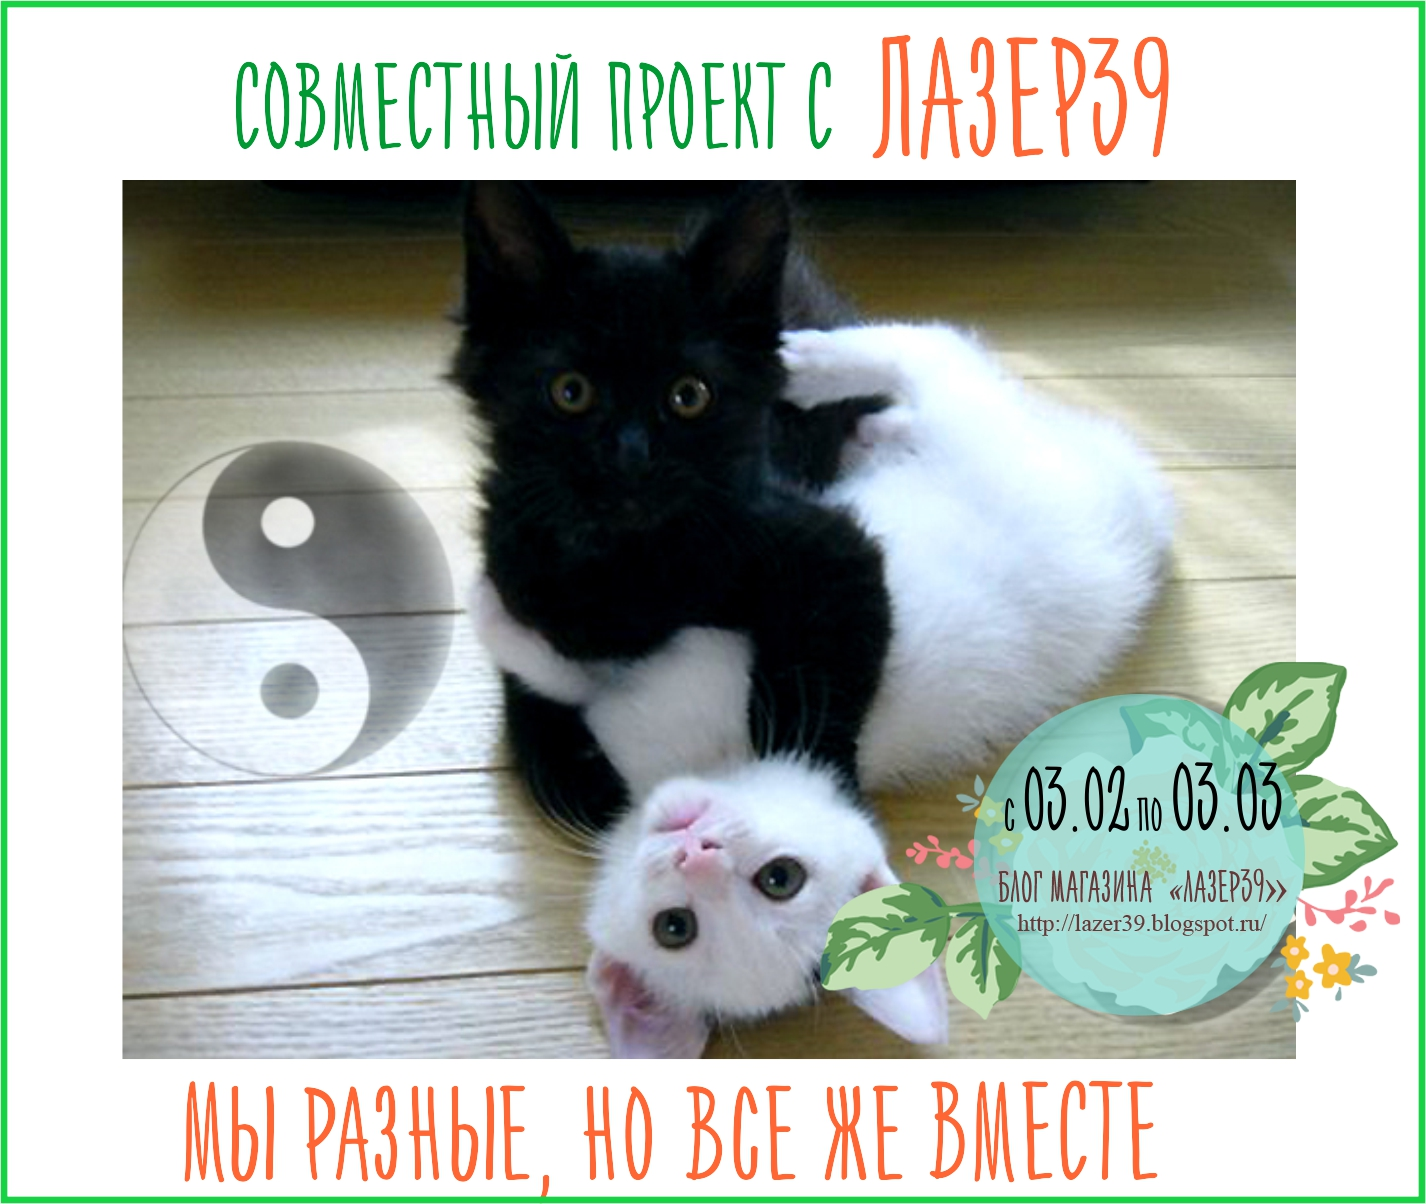 СП  с ЛАЗЕР39